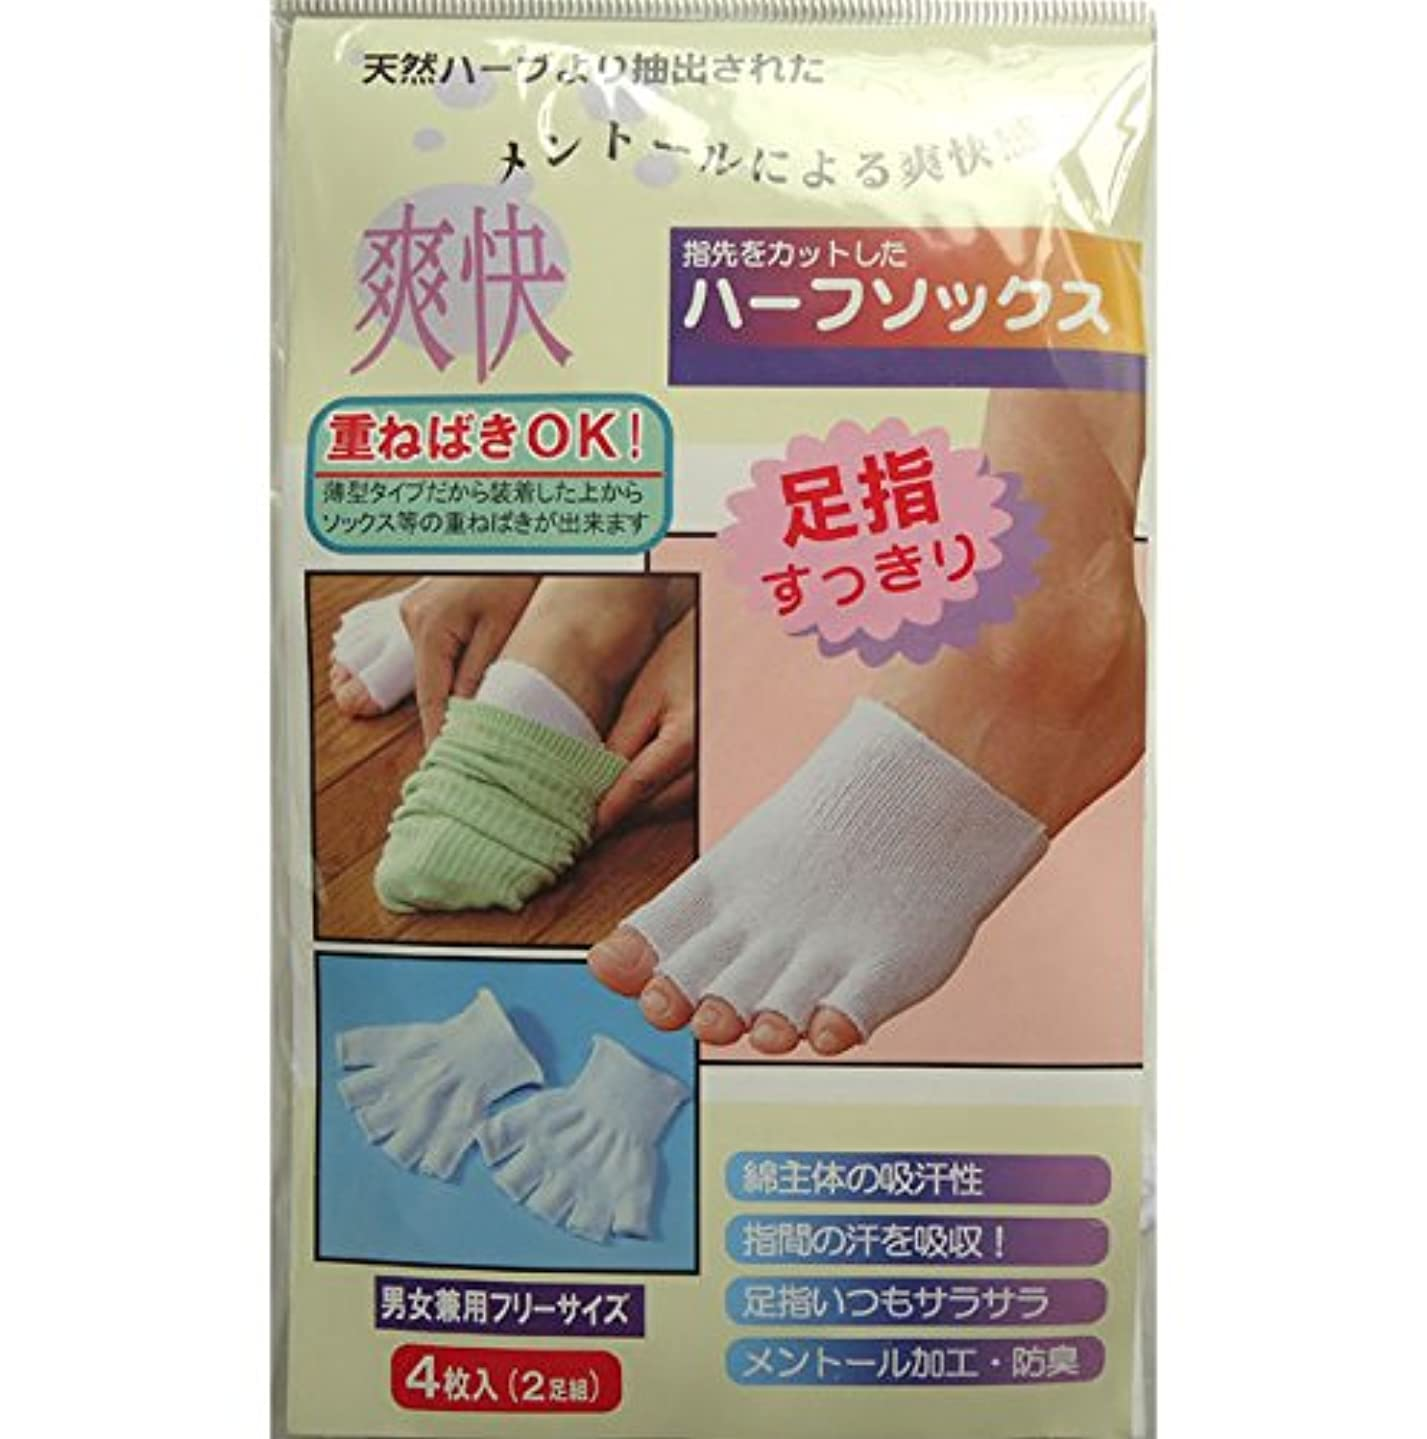 完全に乳白壁日本製 ハーフソックス 5本指 綿 抗菌防臭 メンズ レディースお買得2足組(ホワイト)